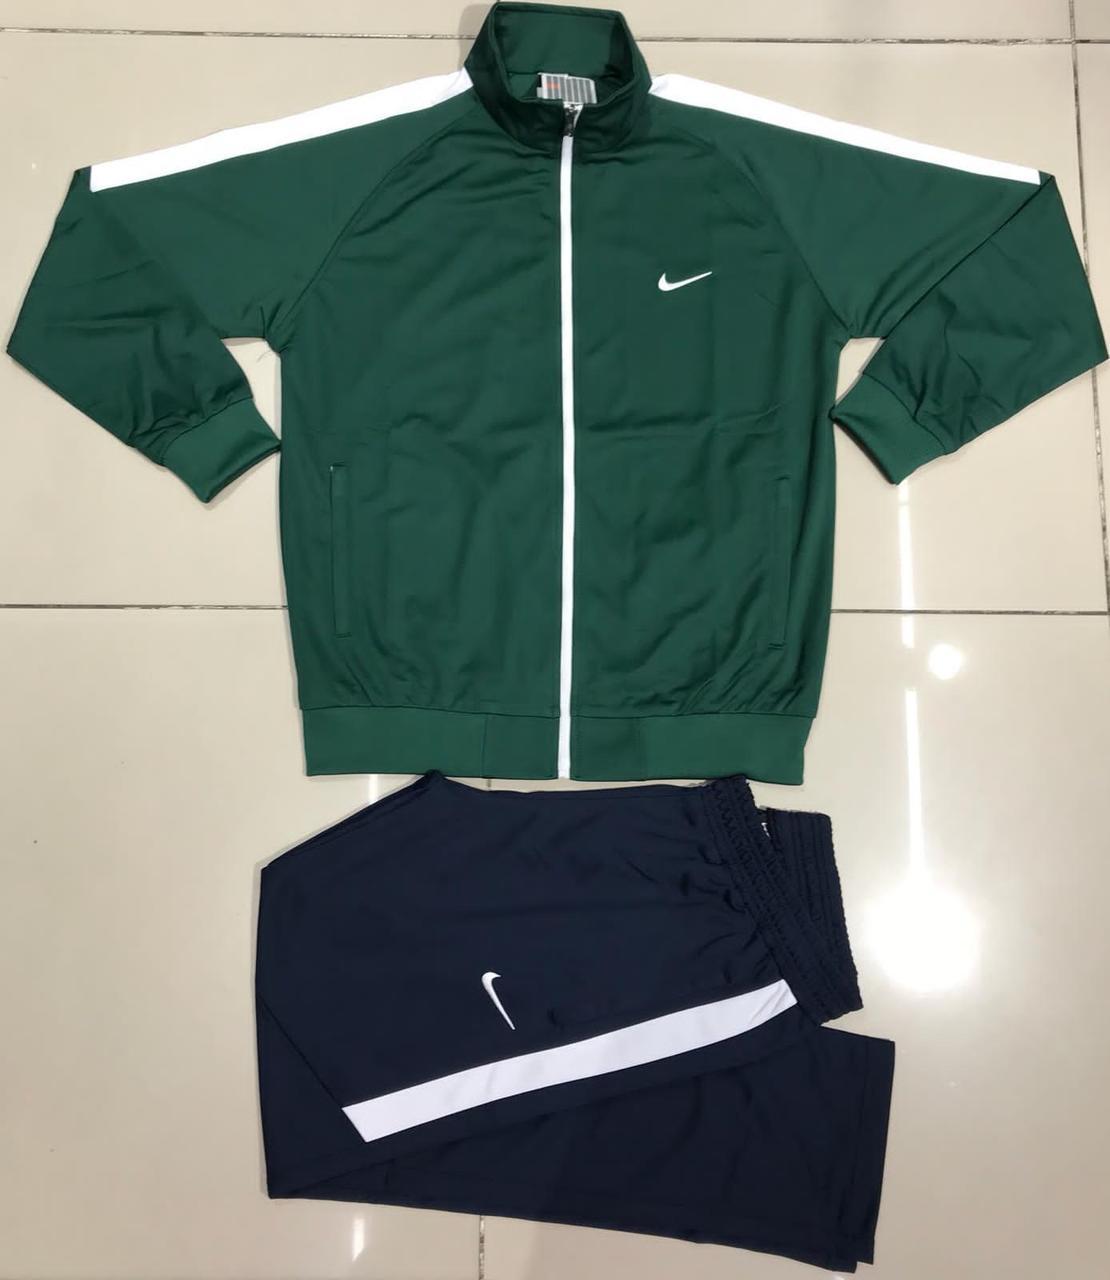 Кофта-реглан спортивная для мужчин Nike Зеленый Кофта Классический стильный дизайн на манжетах